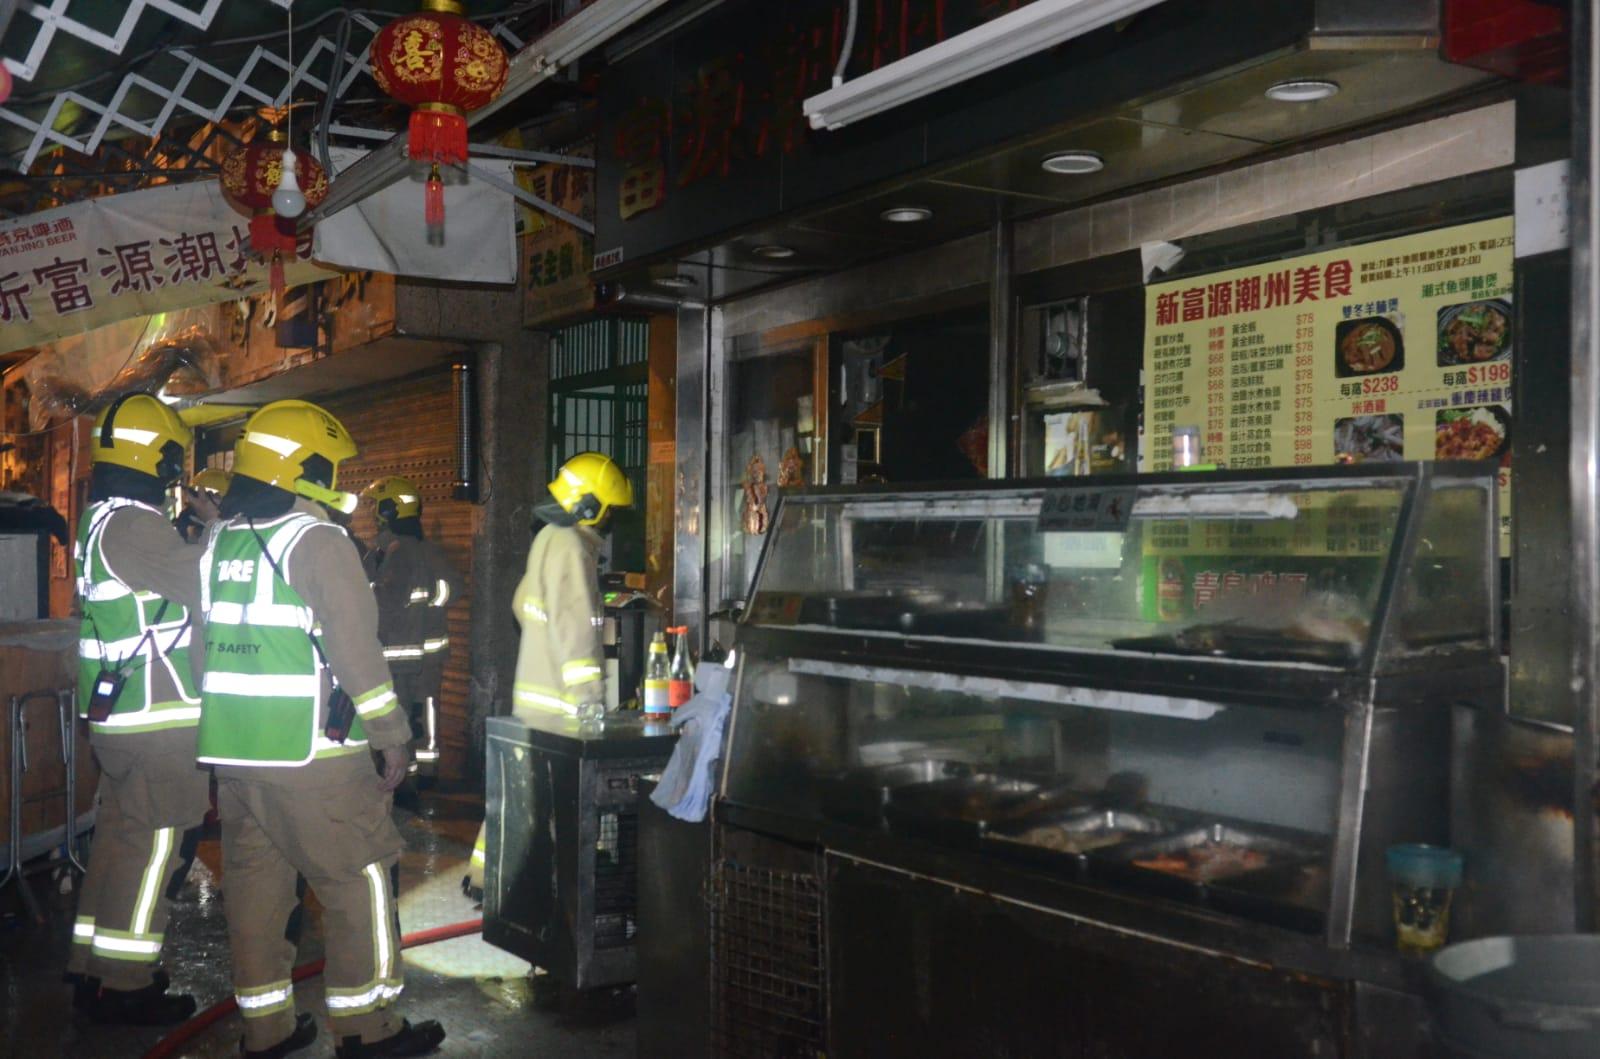 消防開喉灌救,於到場約15分鐘後將火救熄。